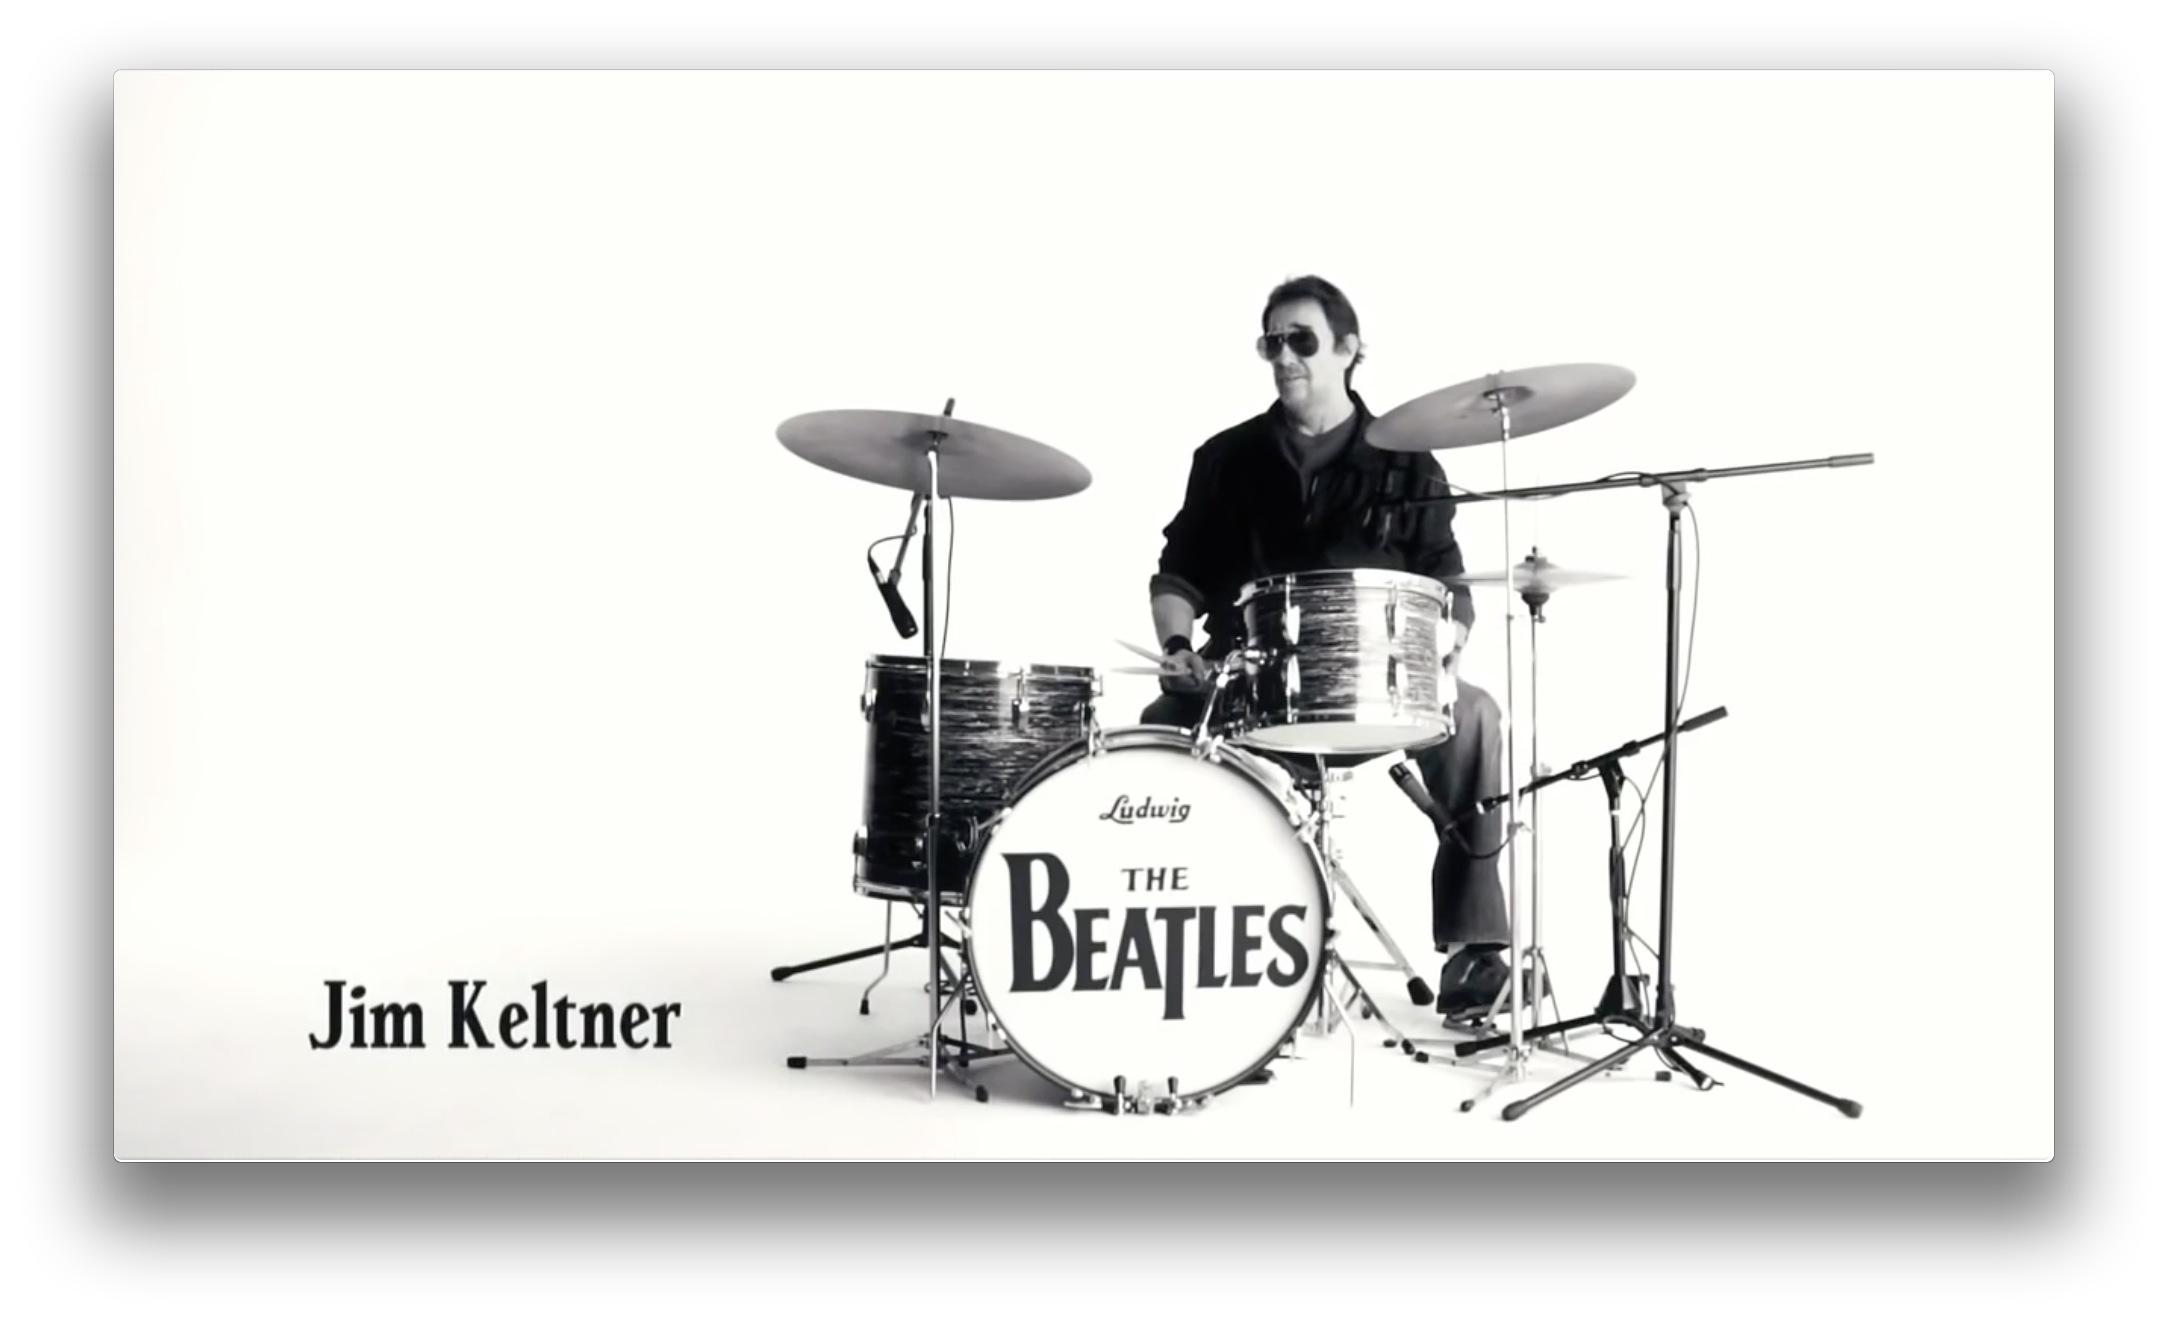 Ringo_Jim Keltner